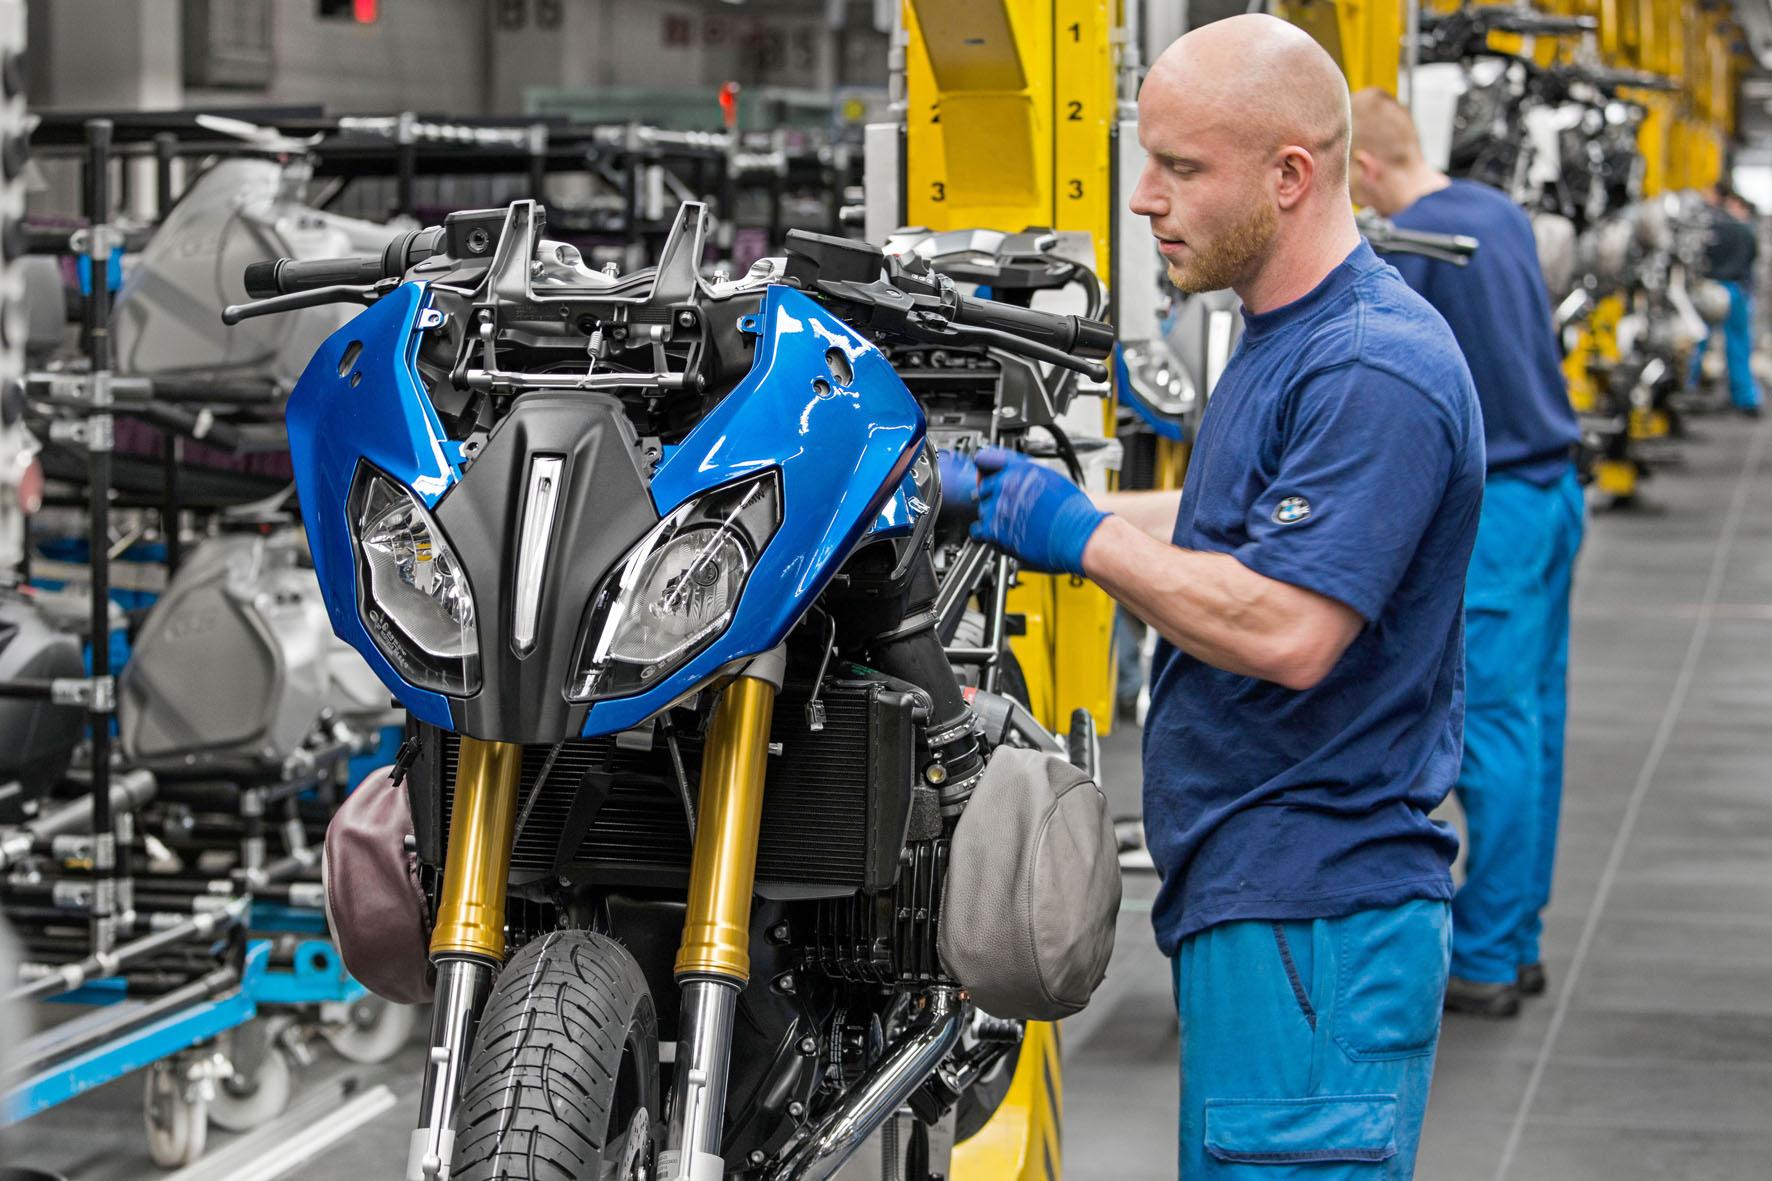 Produktionsstart der neuen R 1200 RS im BMW-Werk Berlin.